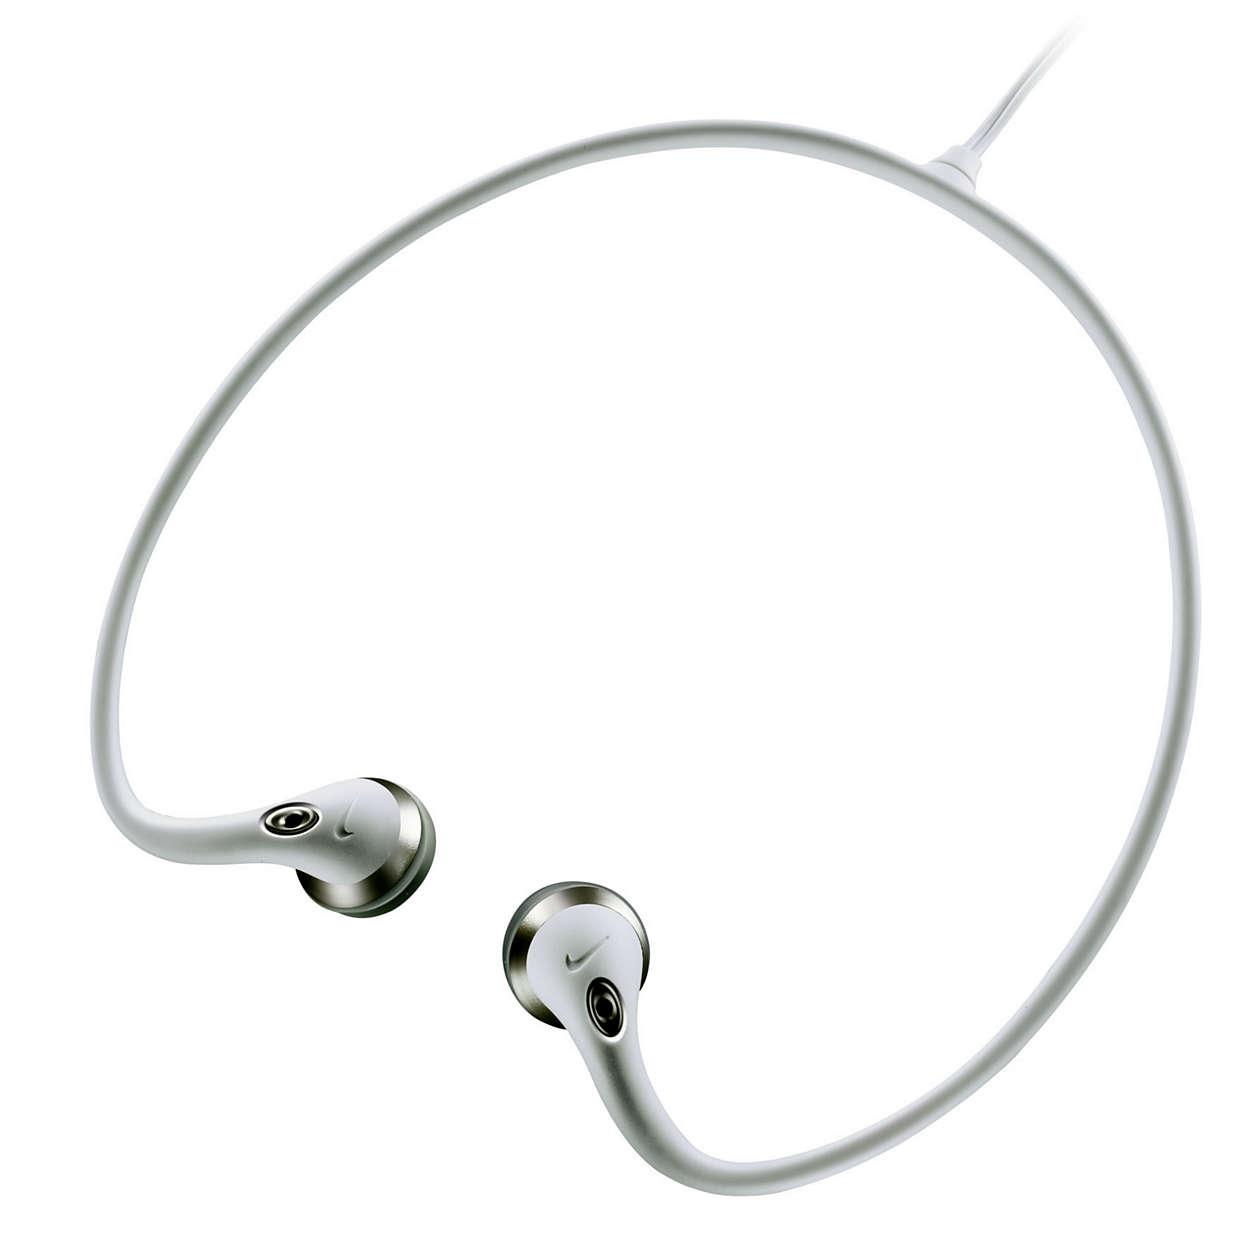 Banda para el cuello ligera con un diseño de cable inteligente